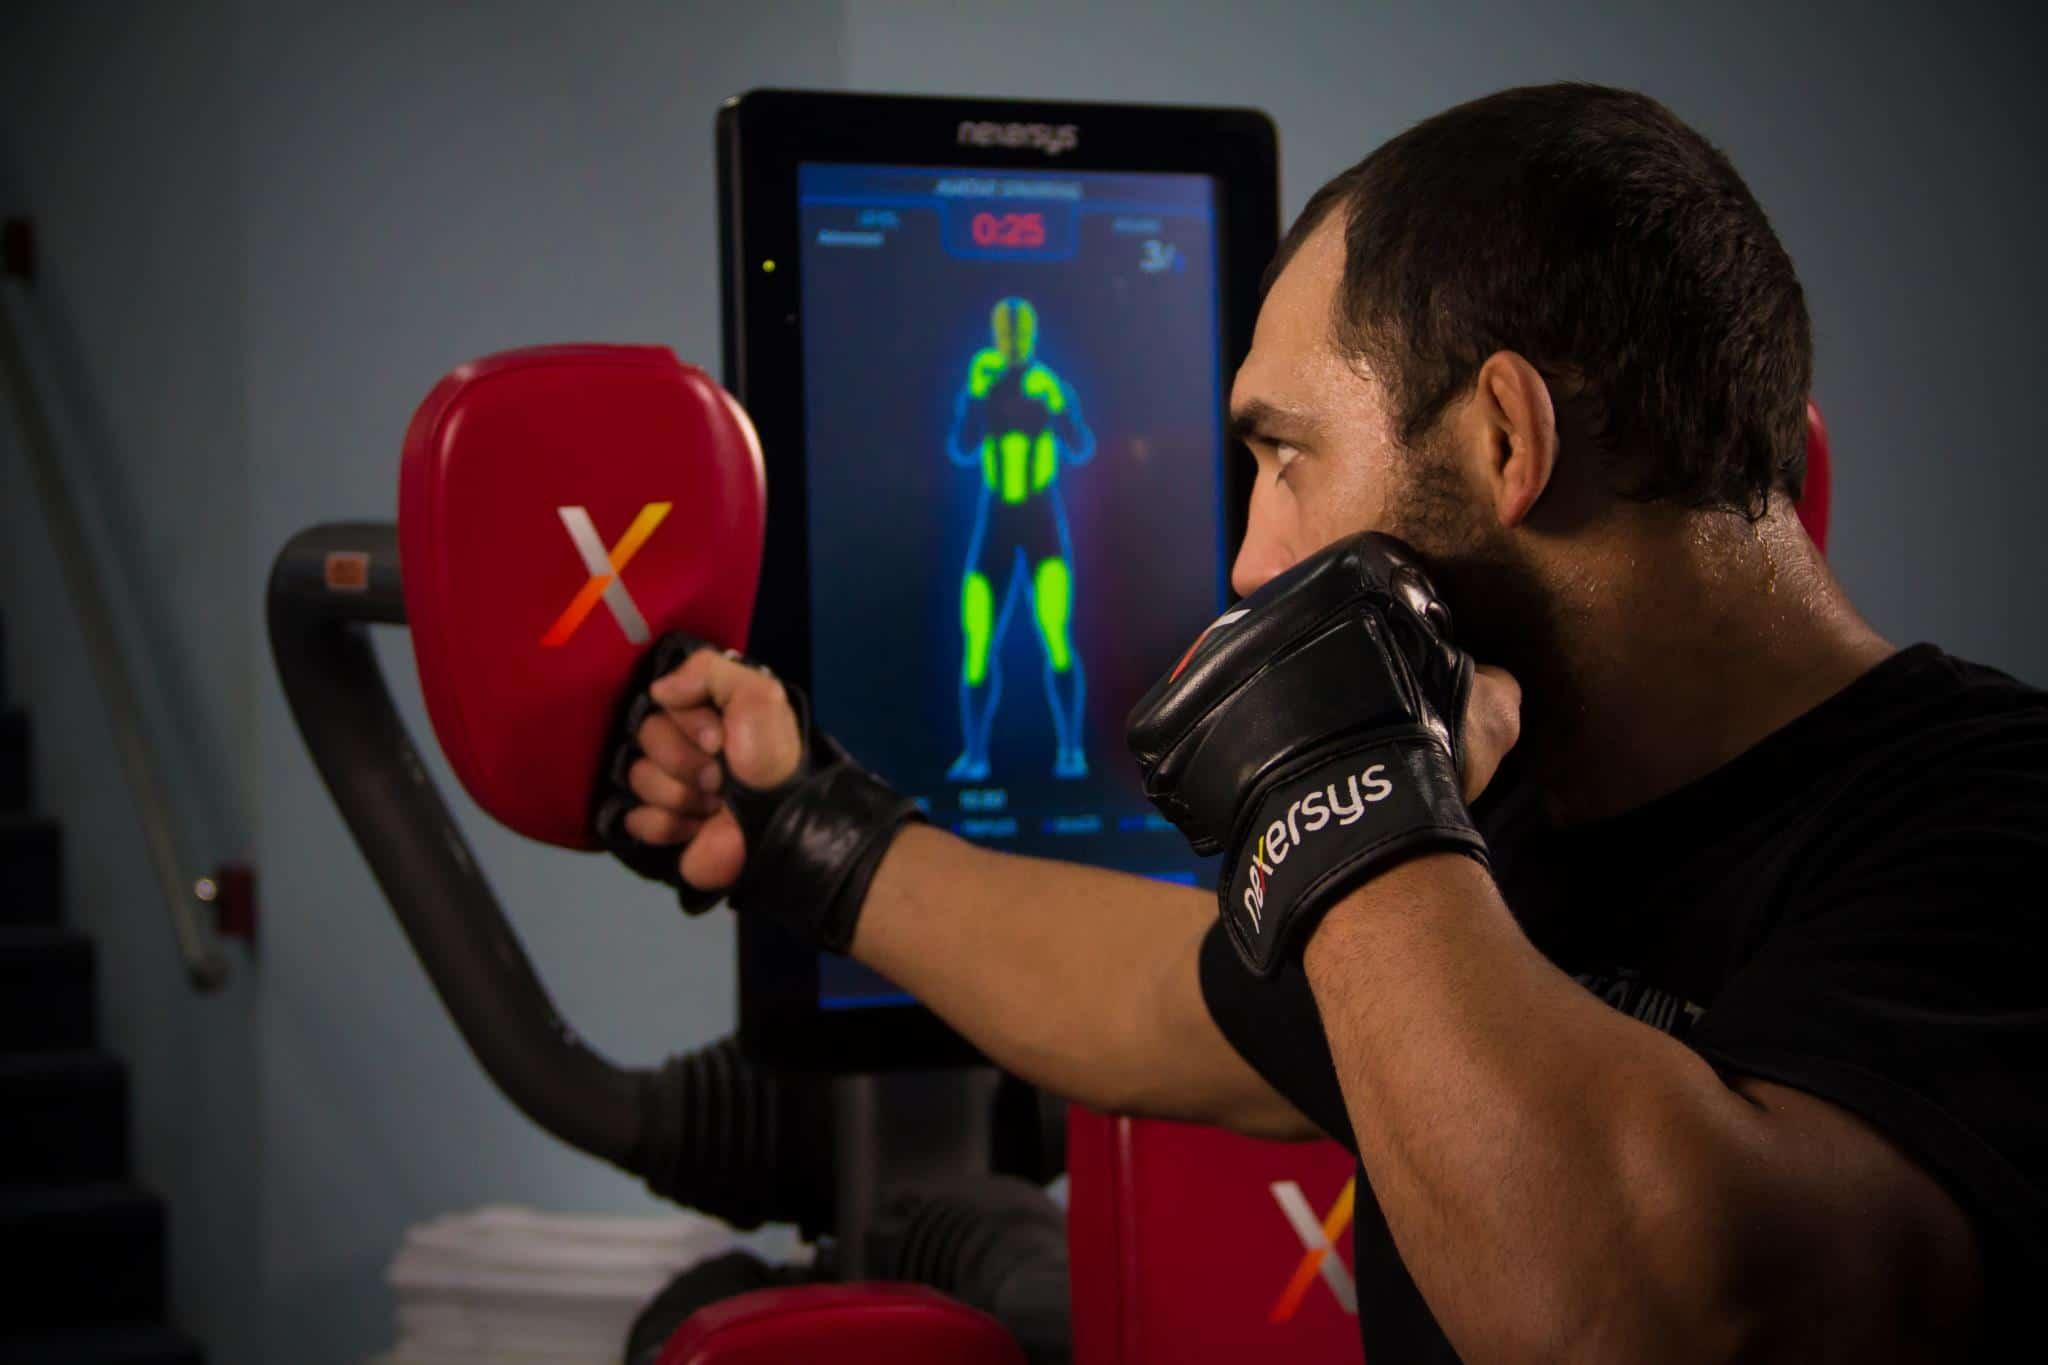 Nexersys PRO Boxing Johny Hendrix Mixed Martial Arts Effective MMA Exercise